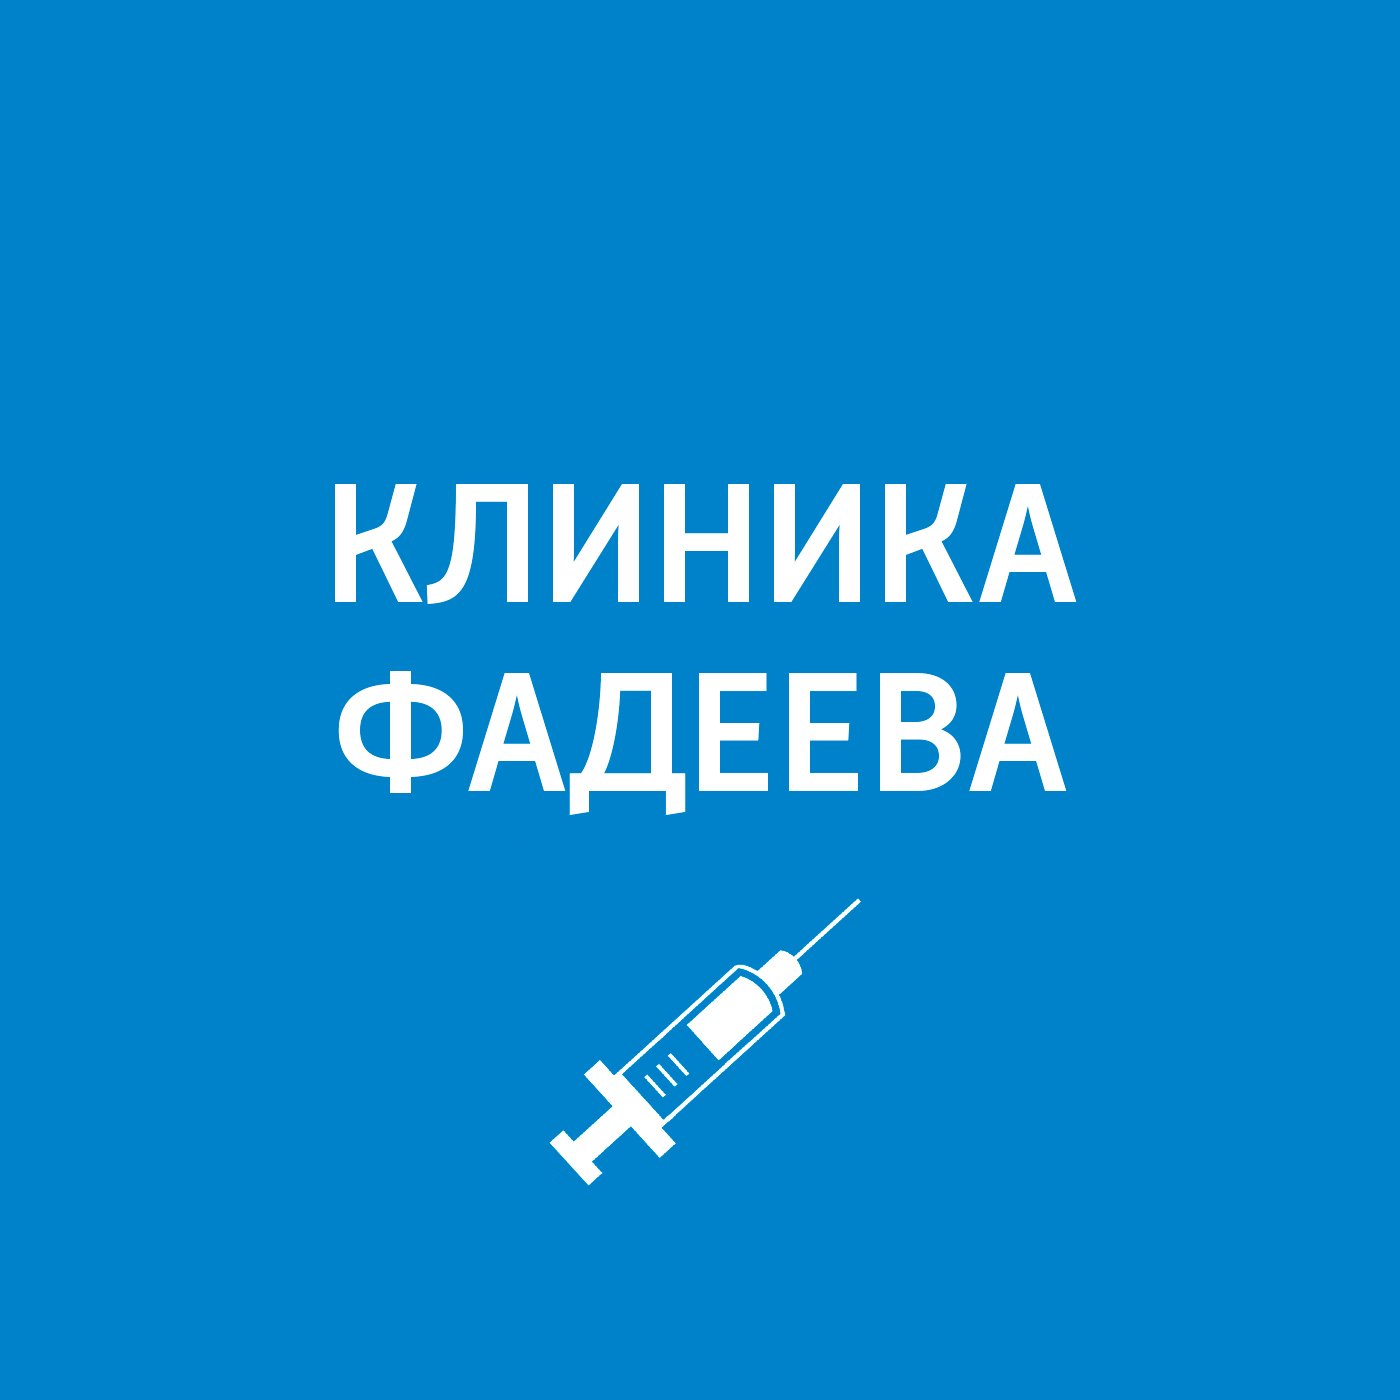 Пётр Фадеев Приём ведёт врач-гастроэнтеролог пётр фадеев приём ведёт дерматолог солнце польза или вред